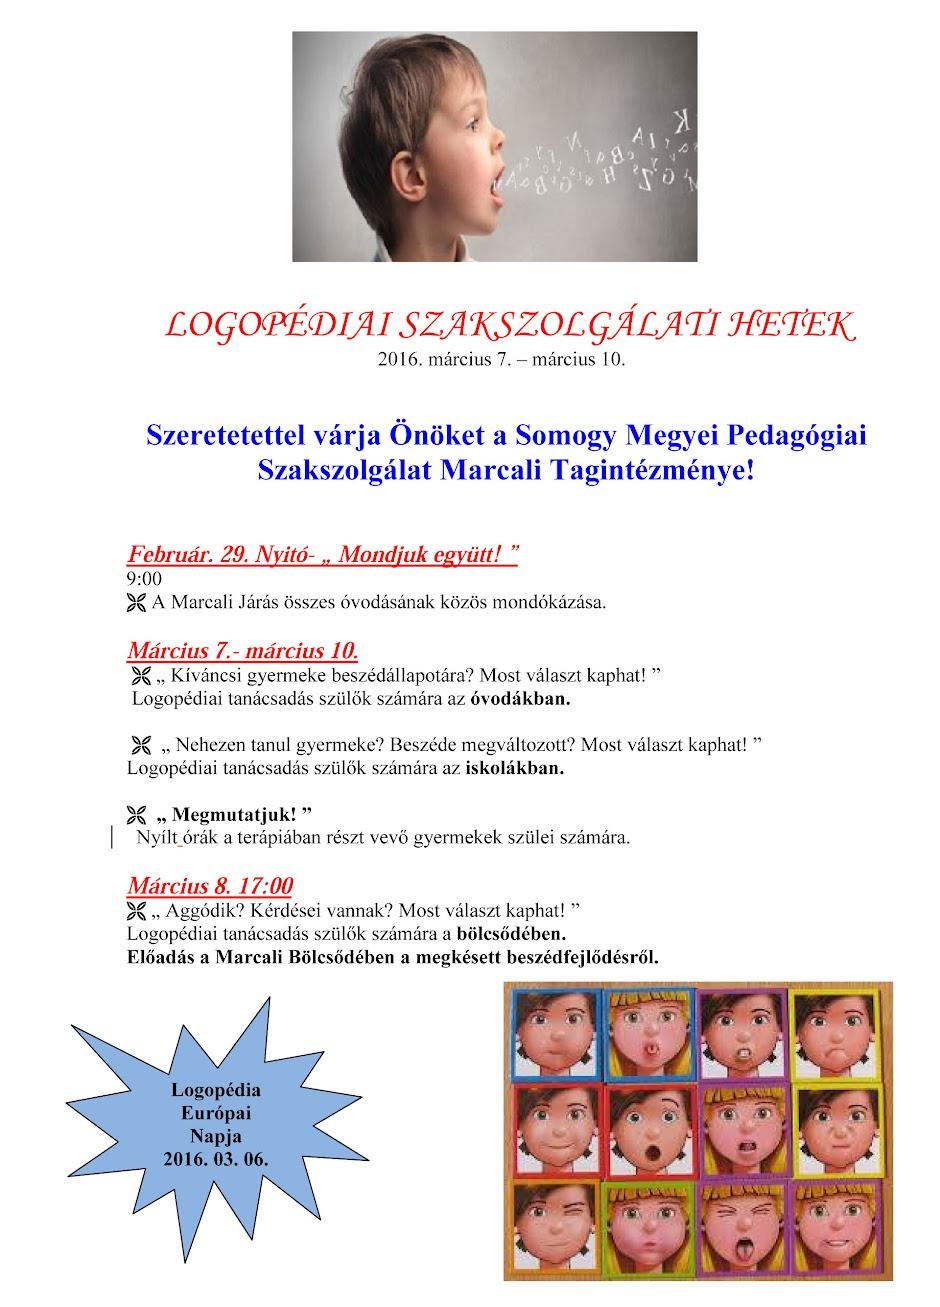 Logopédiai Szakszolgálati Hetek - Marcali 2016 plakát